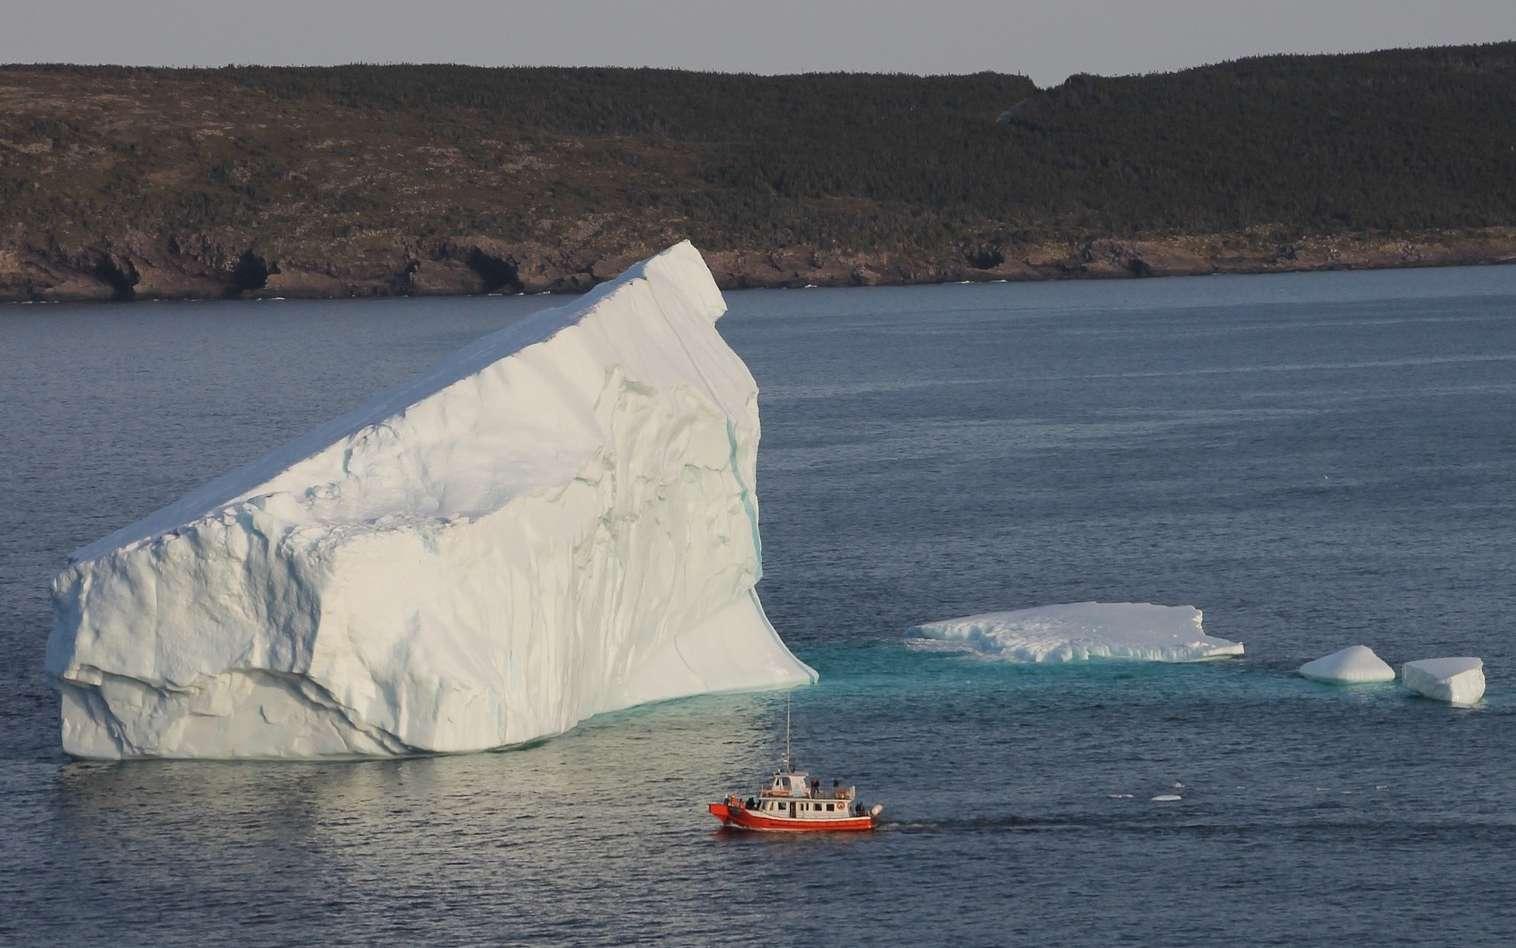 Les icebergs, comme les glaçons, flottent sur l'eau. © kjpoleary, Pixabay, DP